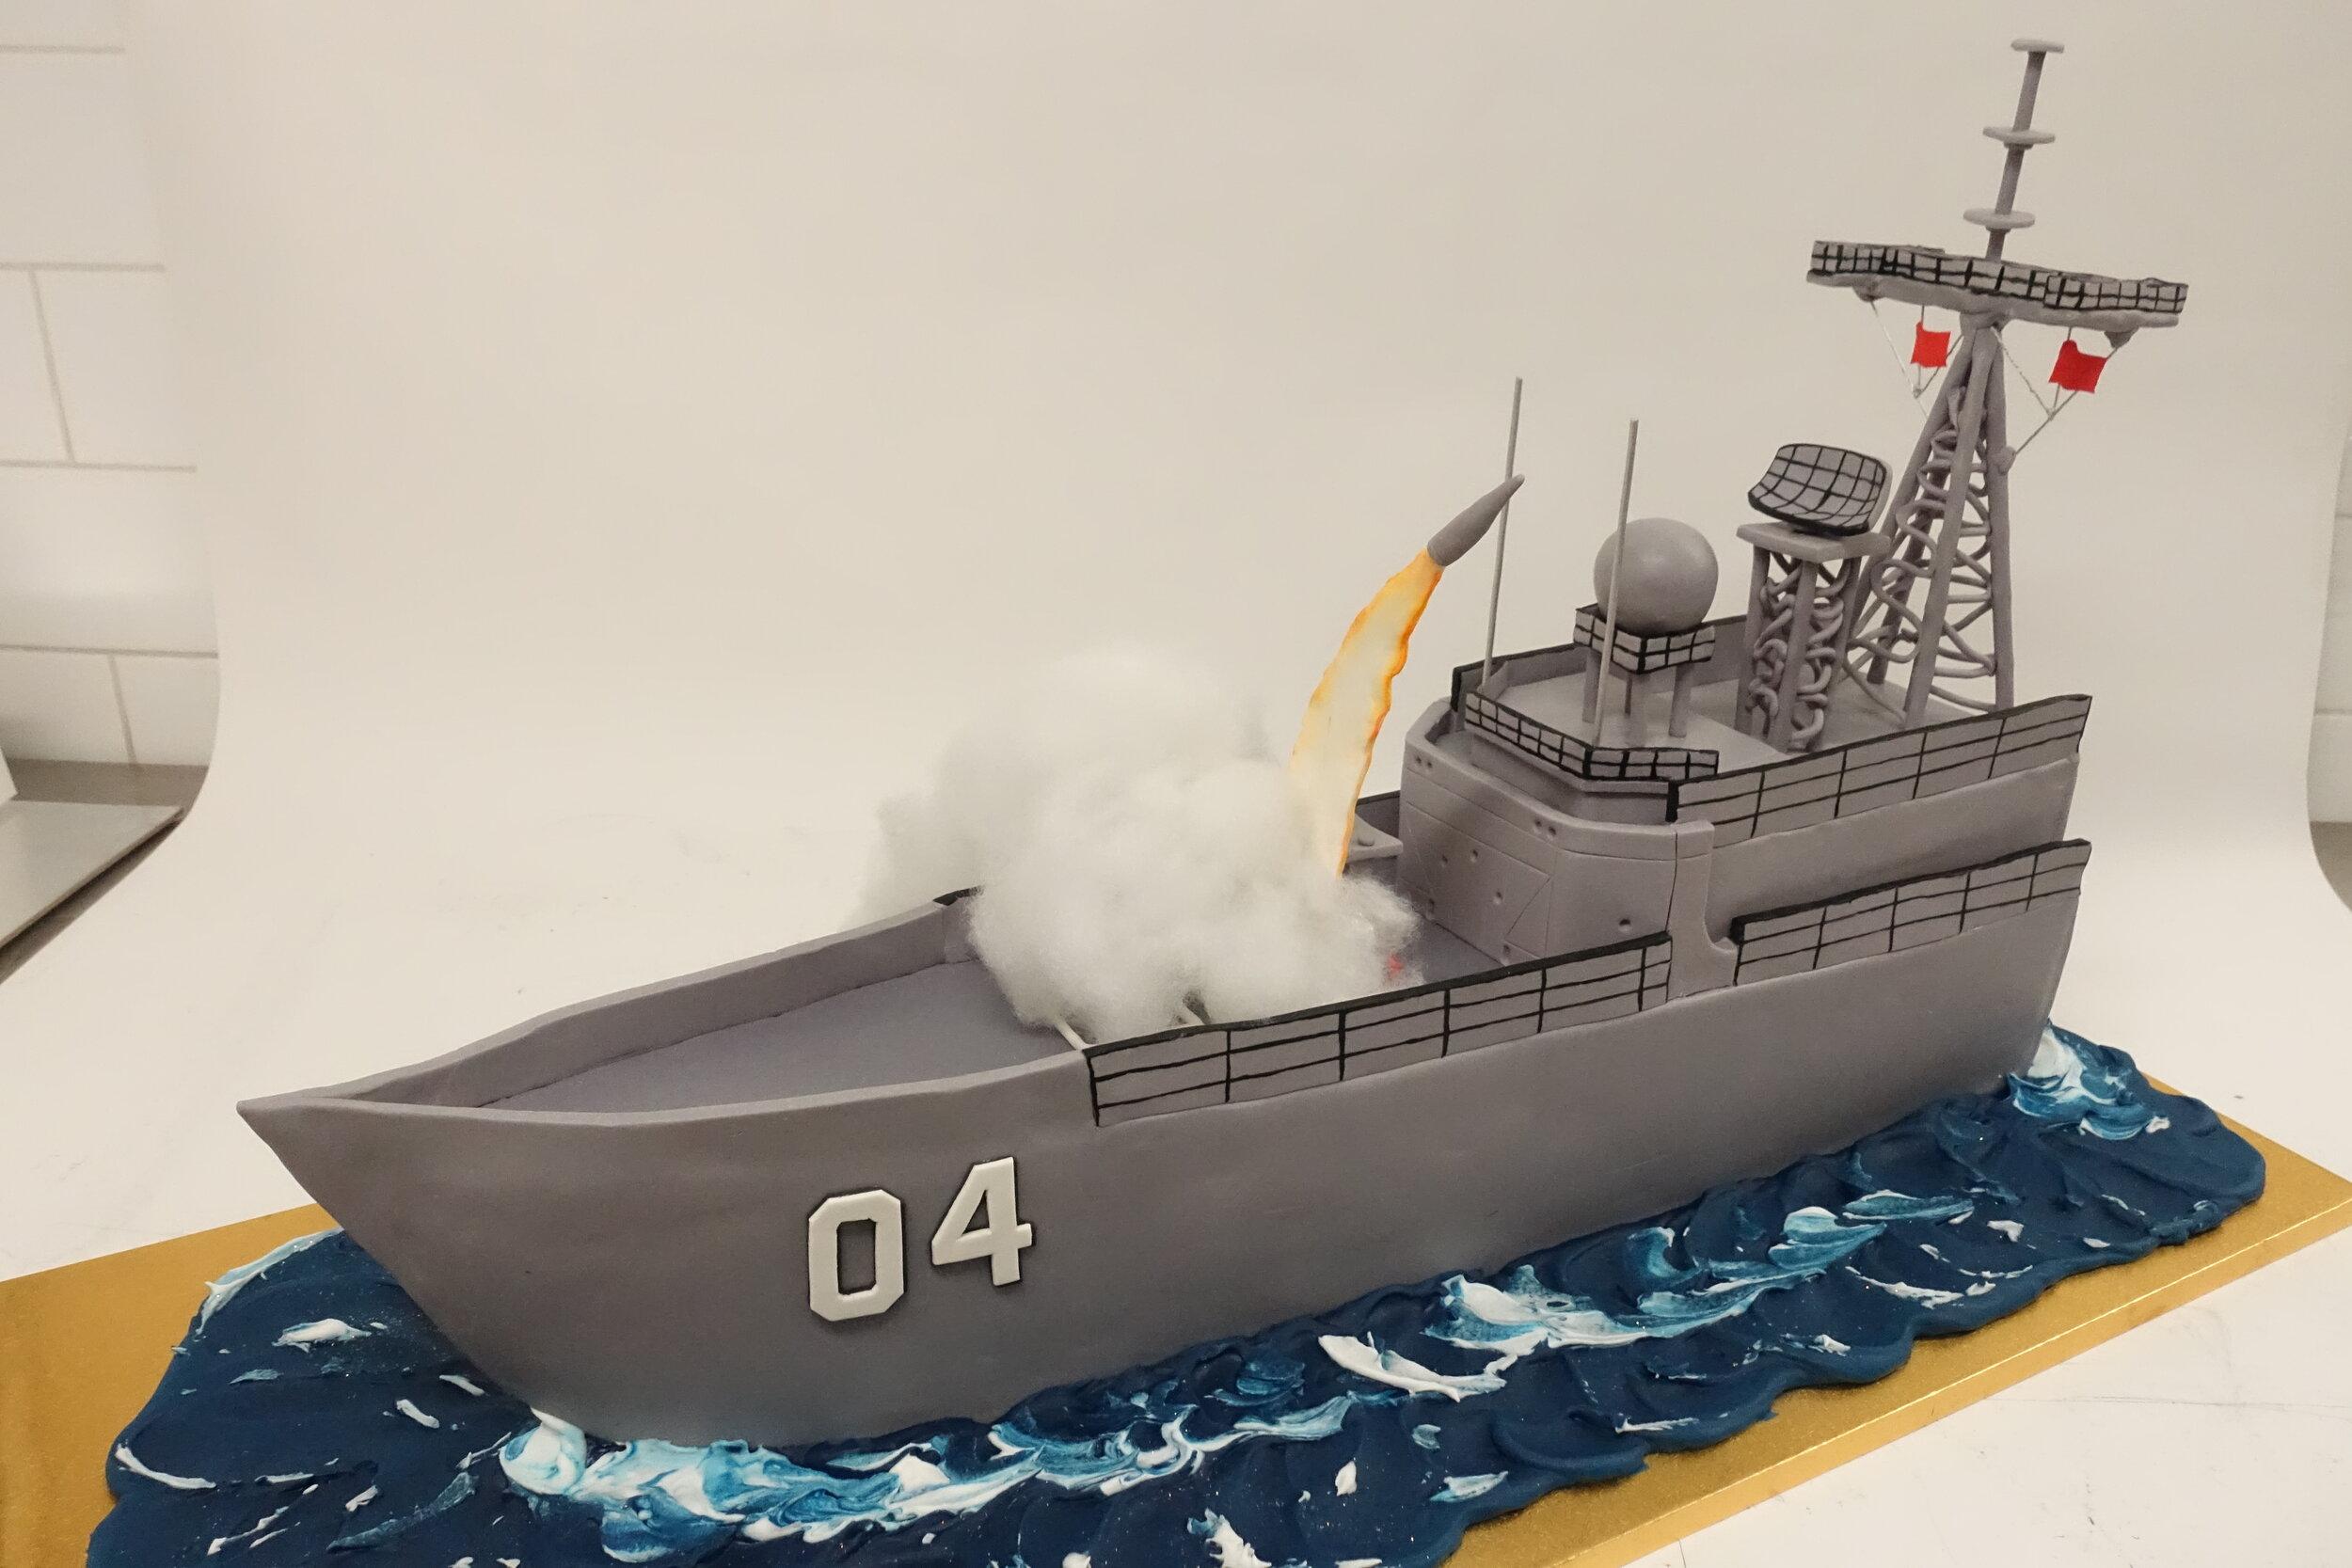 vanillapod-corporate-brisbane-cake-navy-ship (1).JPG